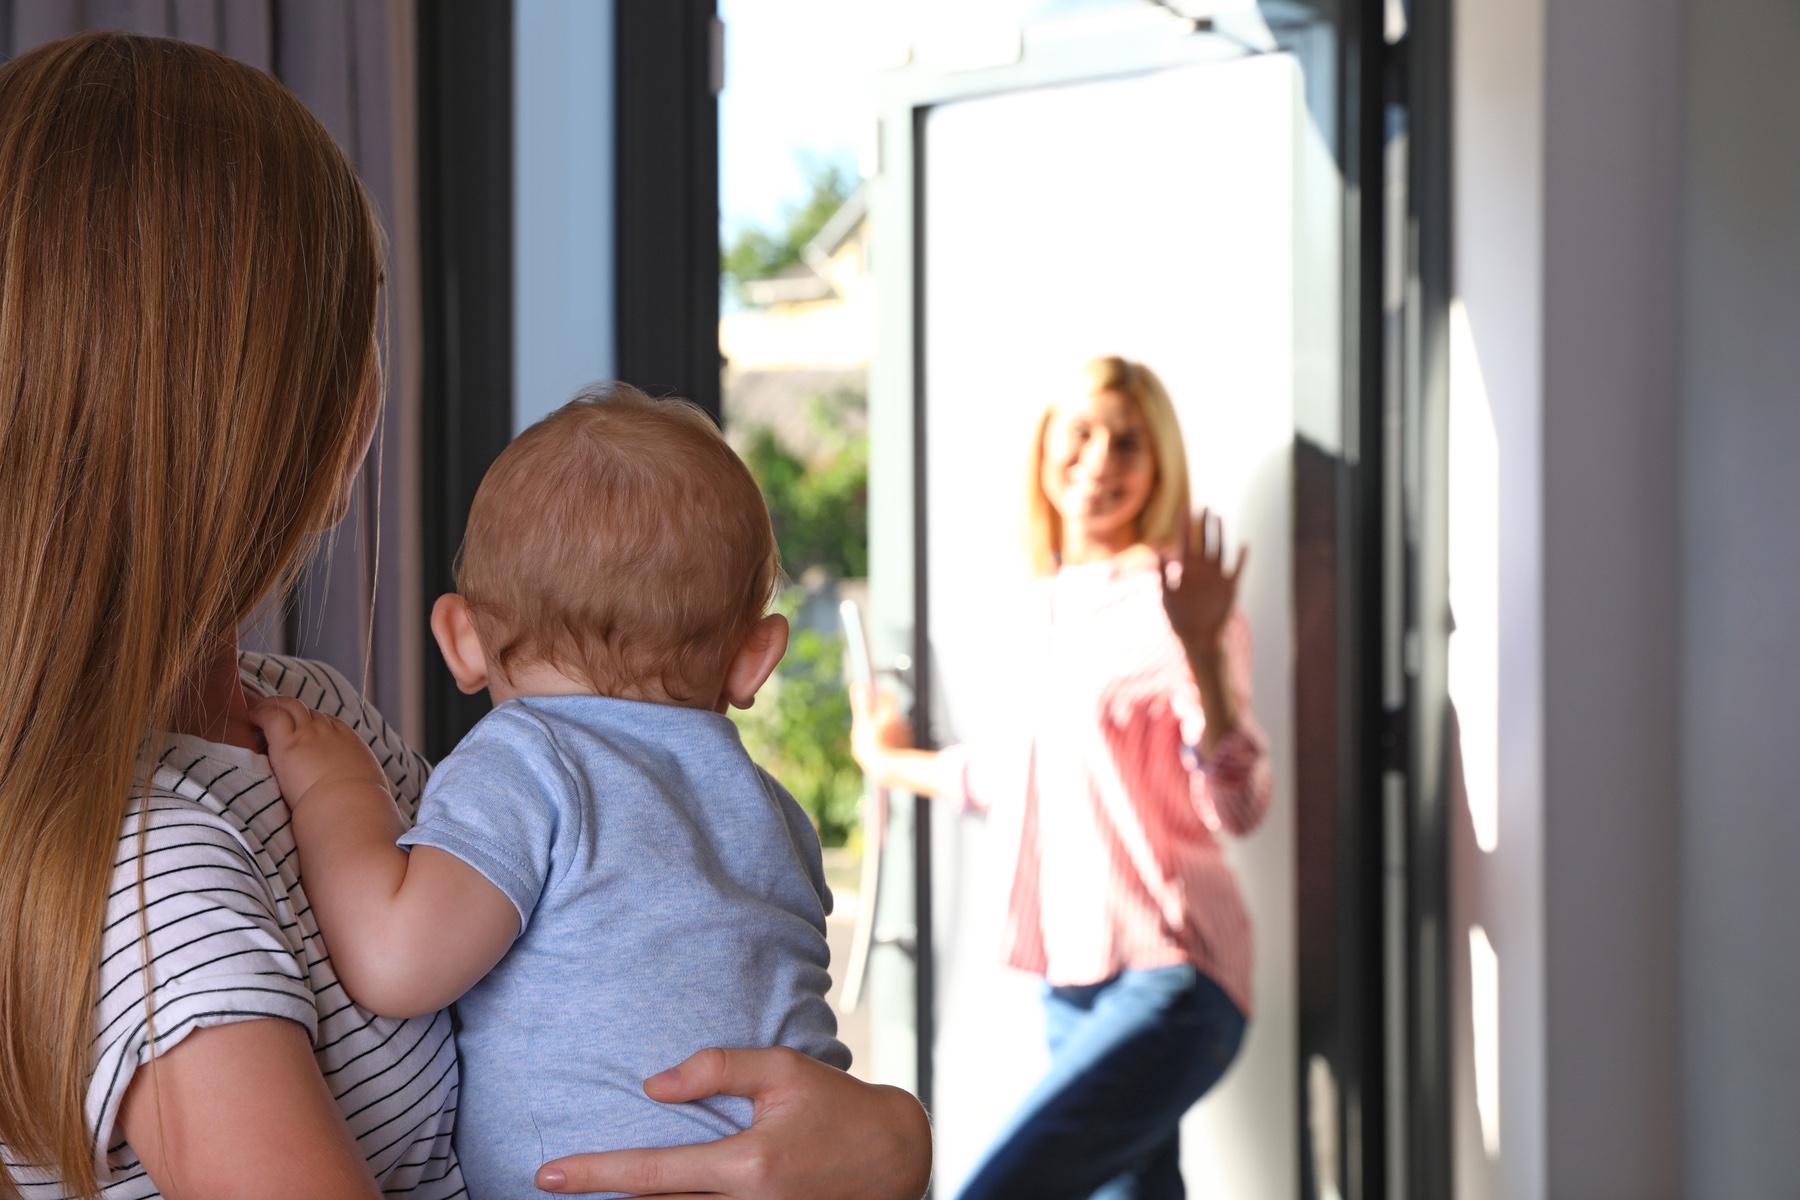 Babysitter leaving house